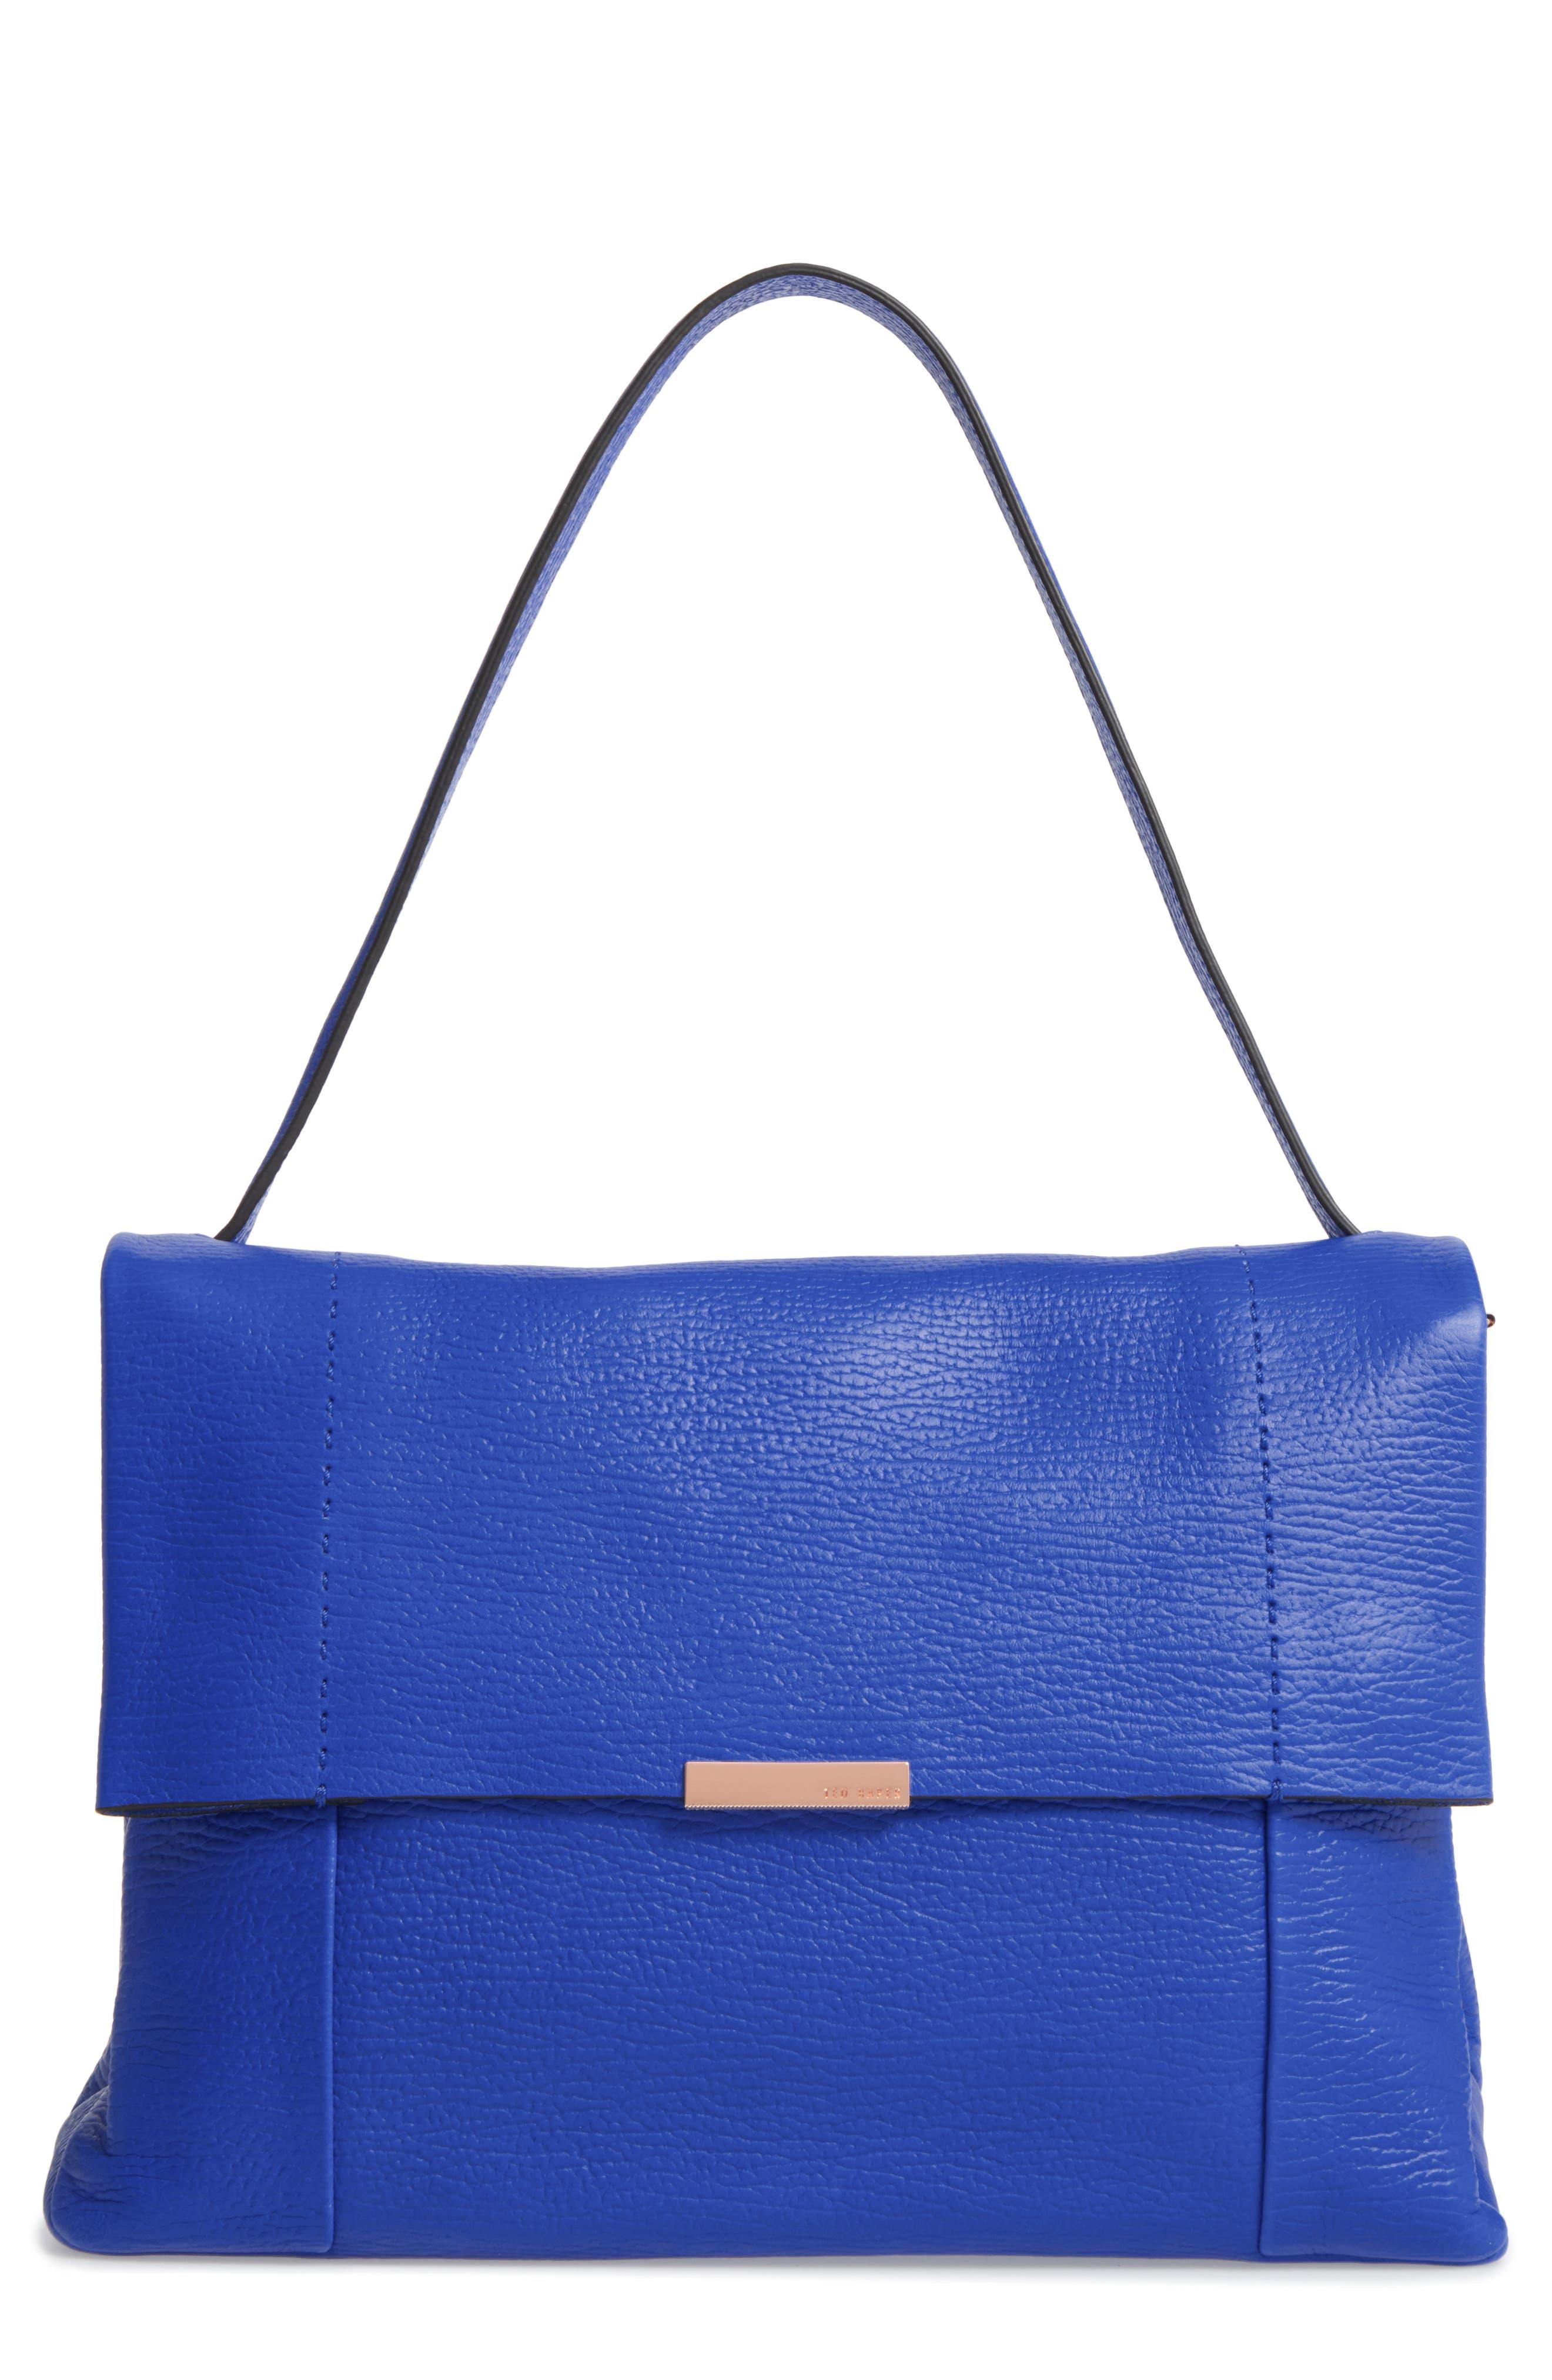 Main Image - Ted Baker London Proter Leather Shoulder Bag